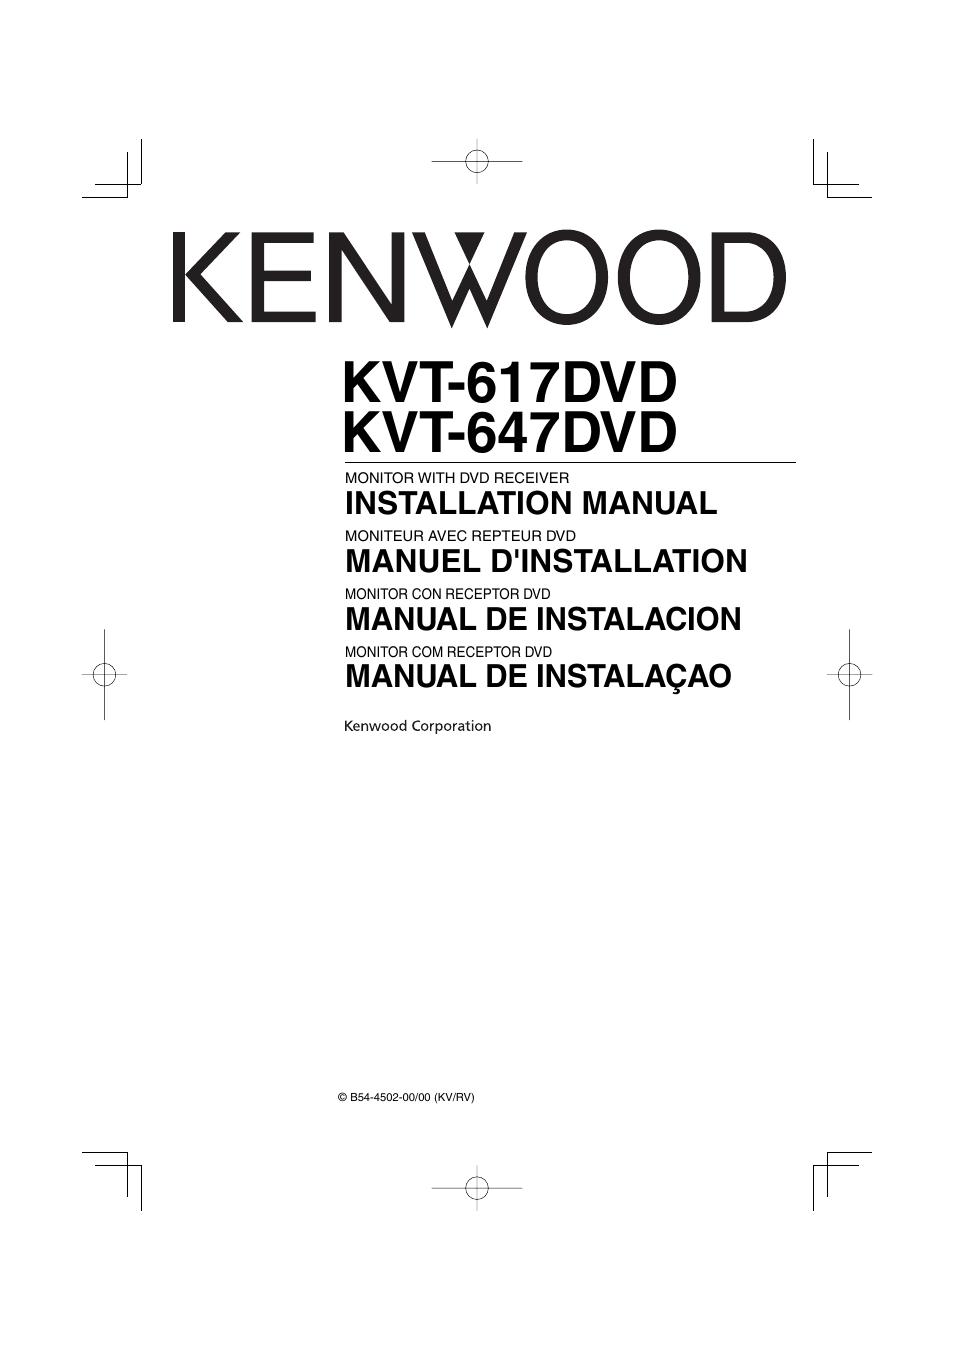 Kenwood Kvt 617dvd Installation Manual 516 Wiring Diagram